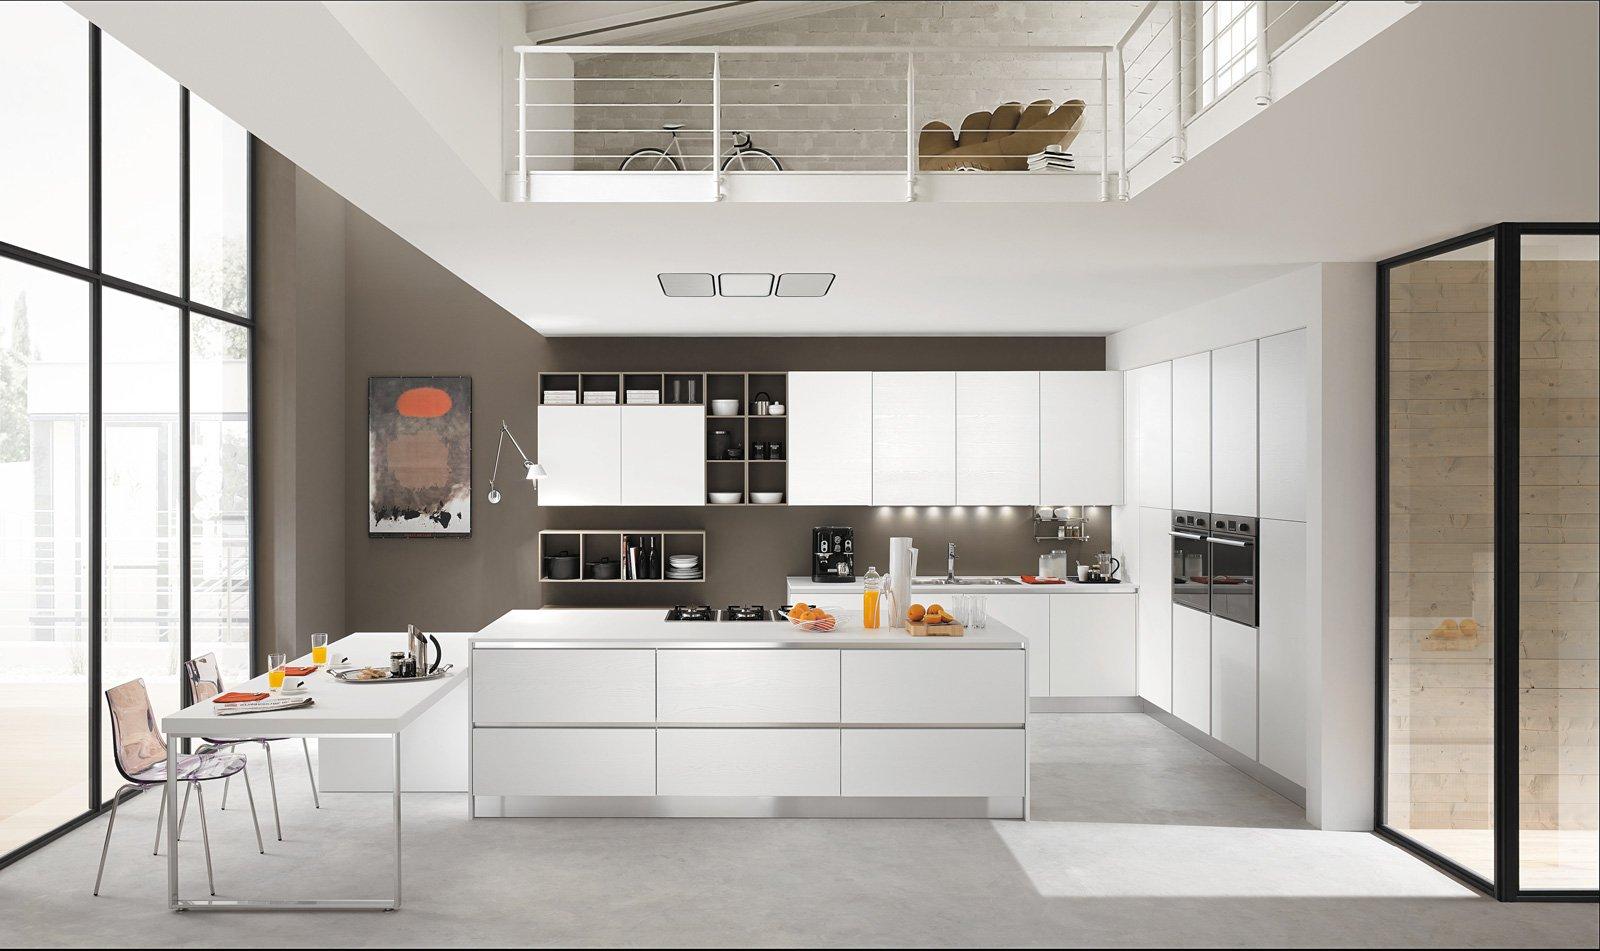 2 mobilturi vela cucina bianca cose di casa for Cucina bianca